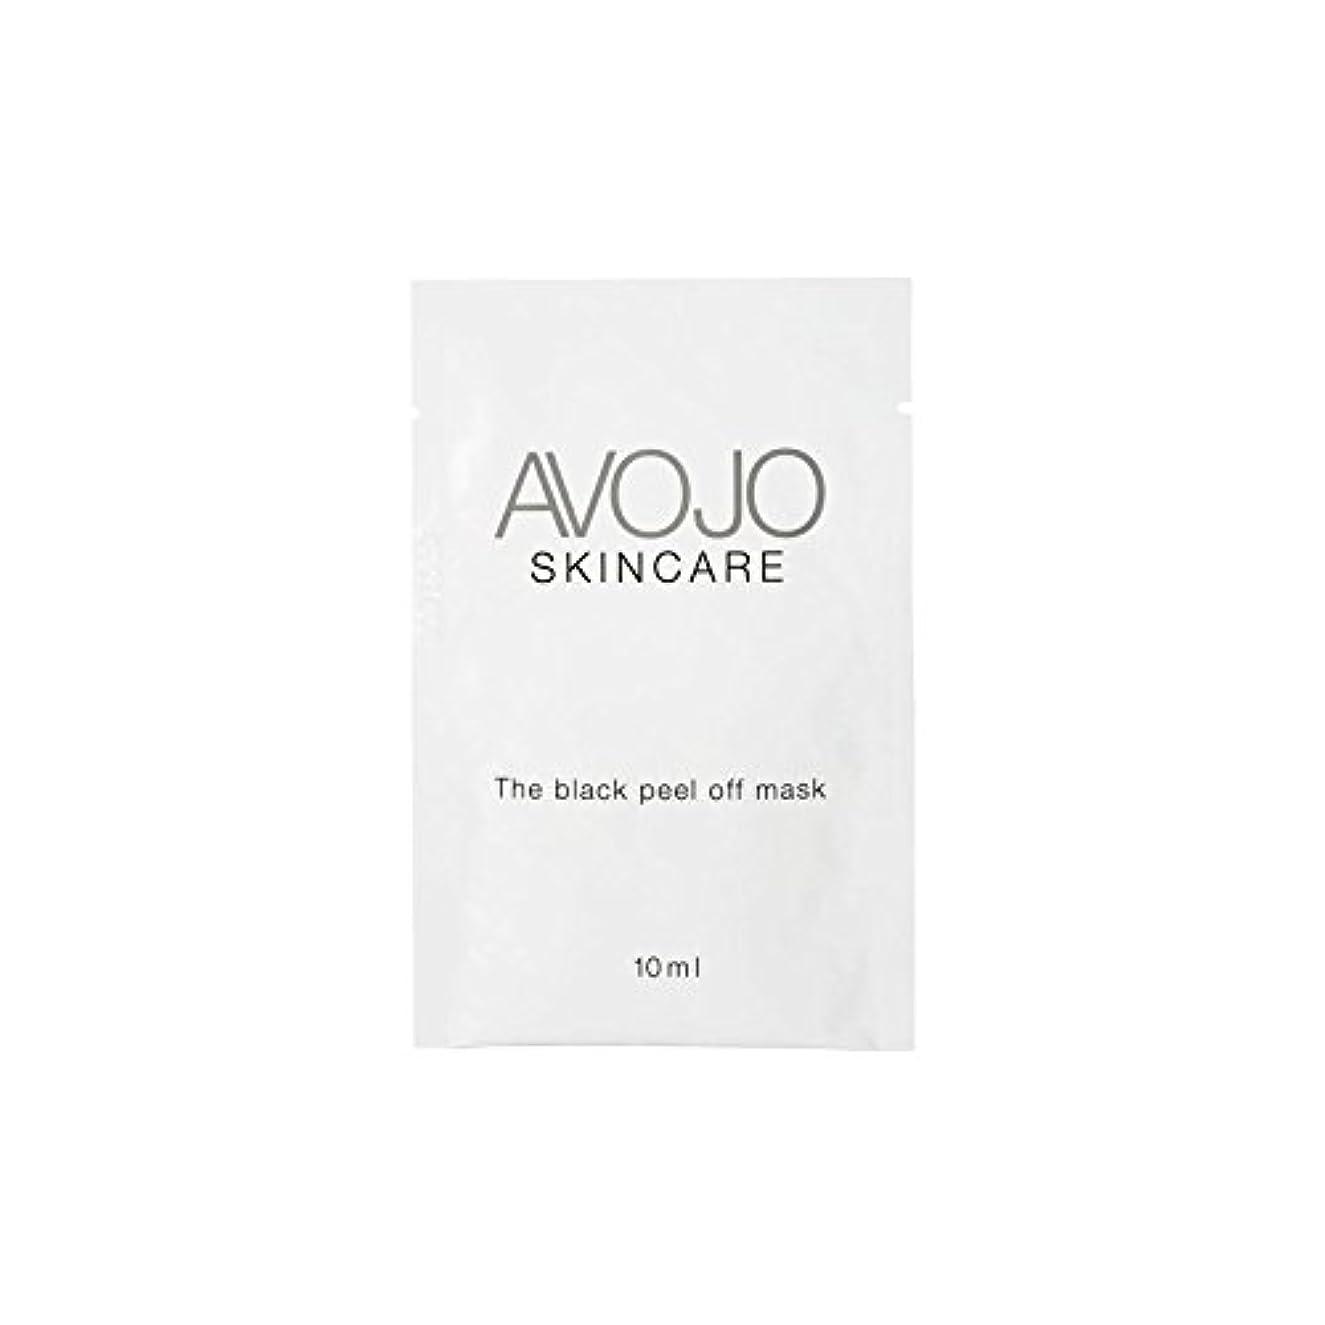 お父さんうがい公平- ブラックピールオフマスク - 小袋(10ミリリットル×4) x2 - Avojo - The Black Peel Off Mask - Sachet (10ml X 4) (Pack of 2) [並行輸入品]